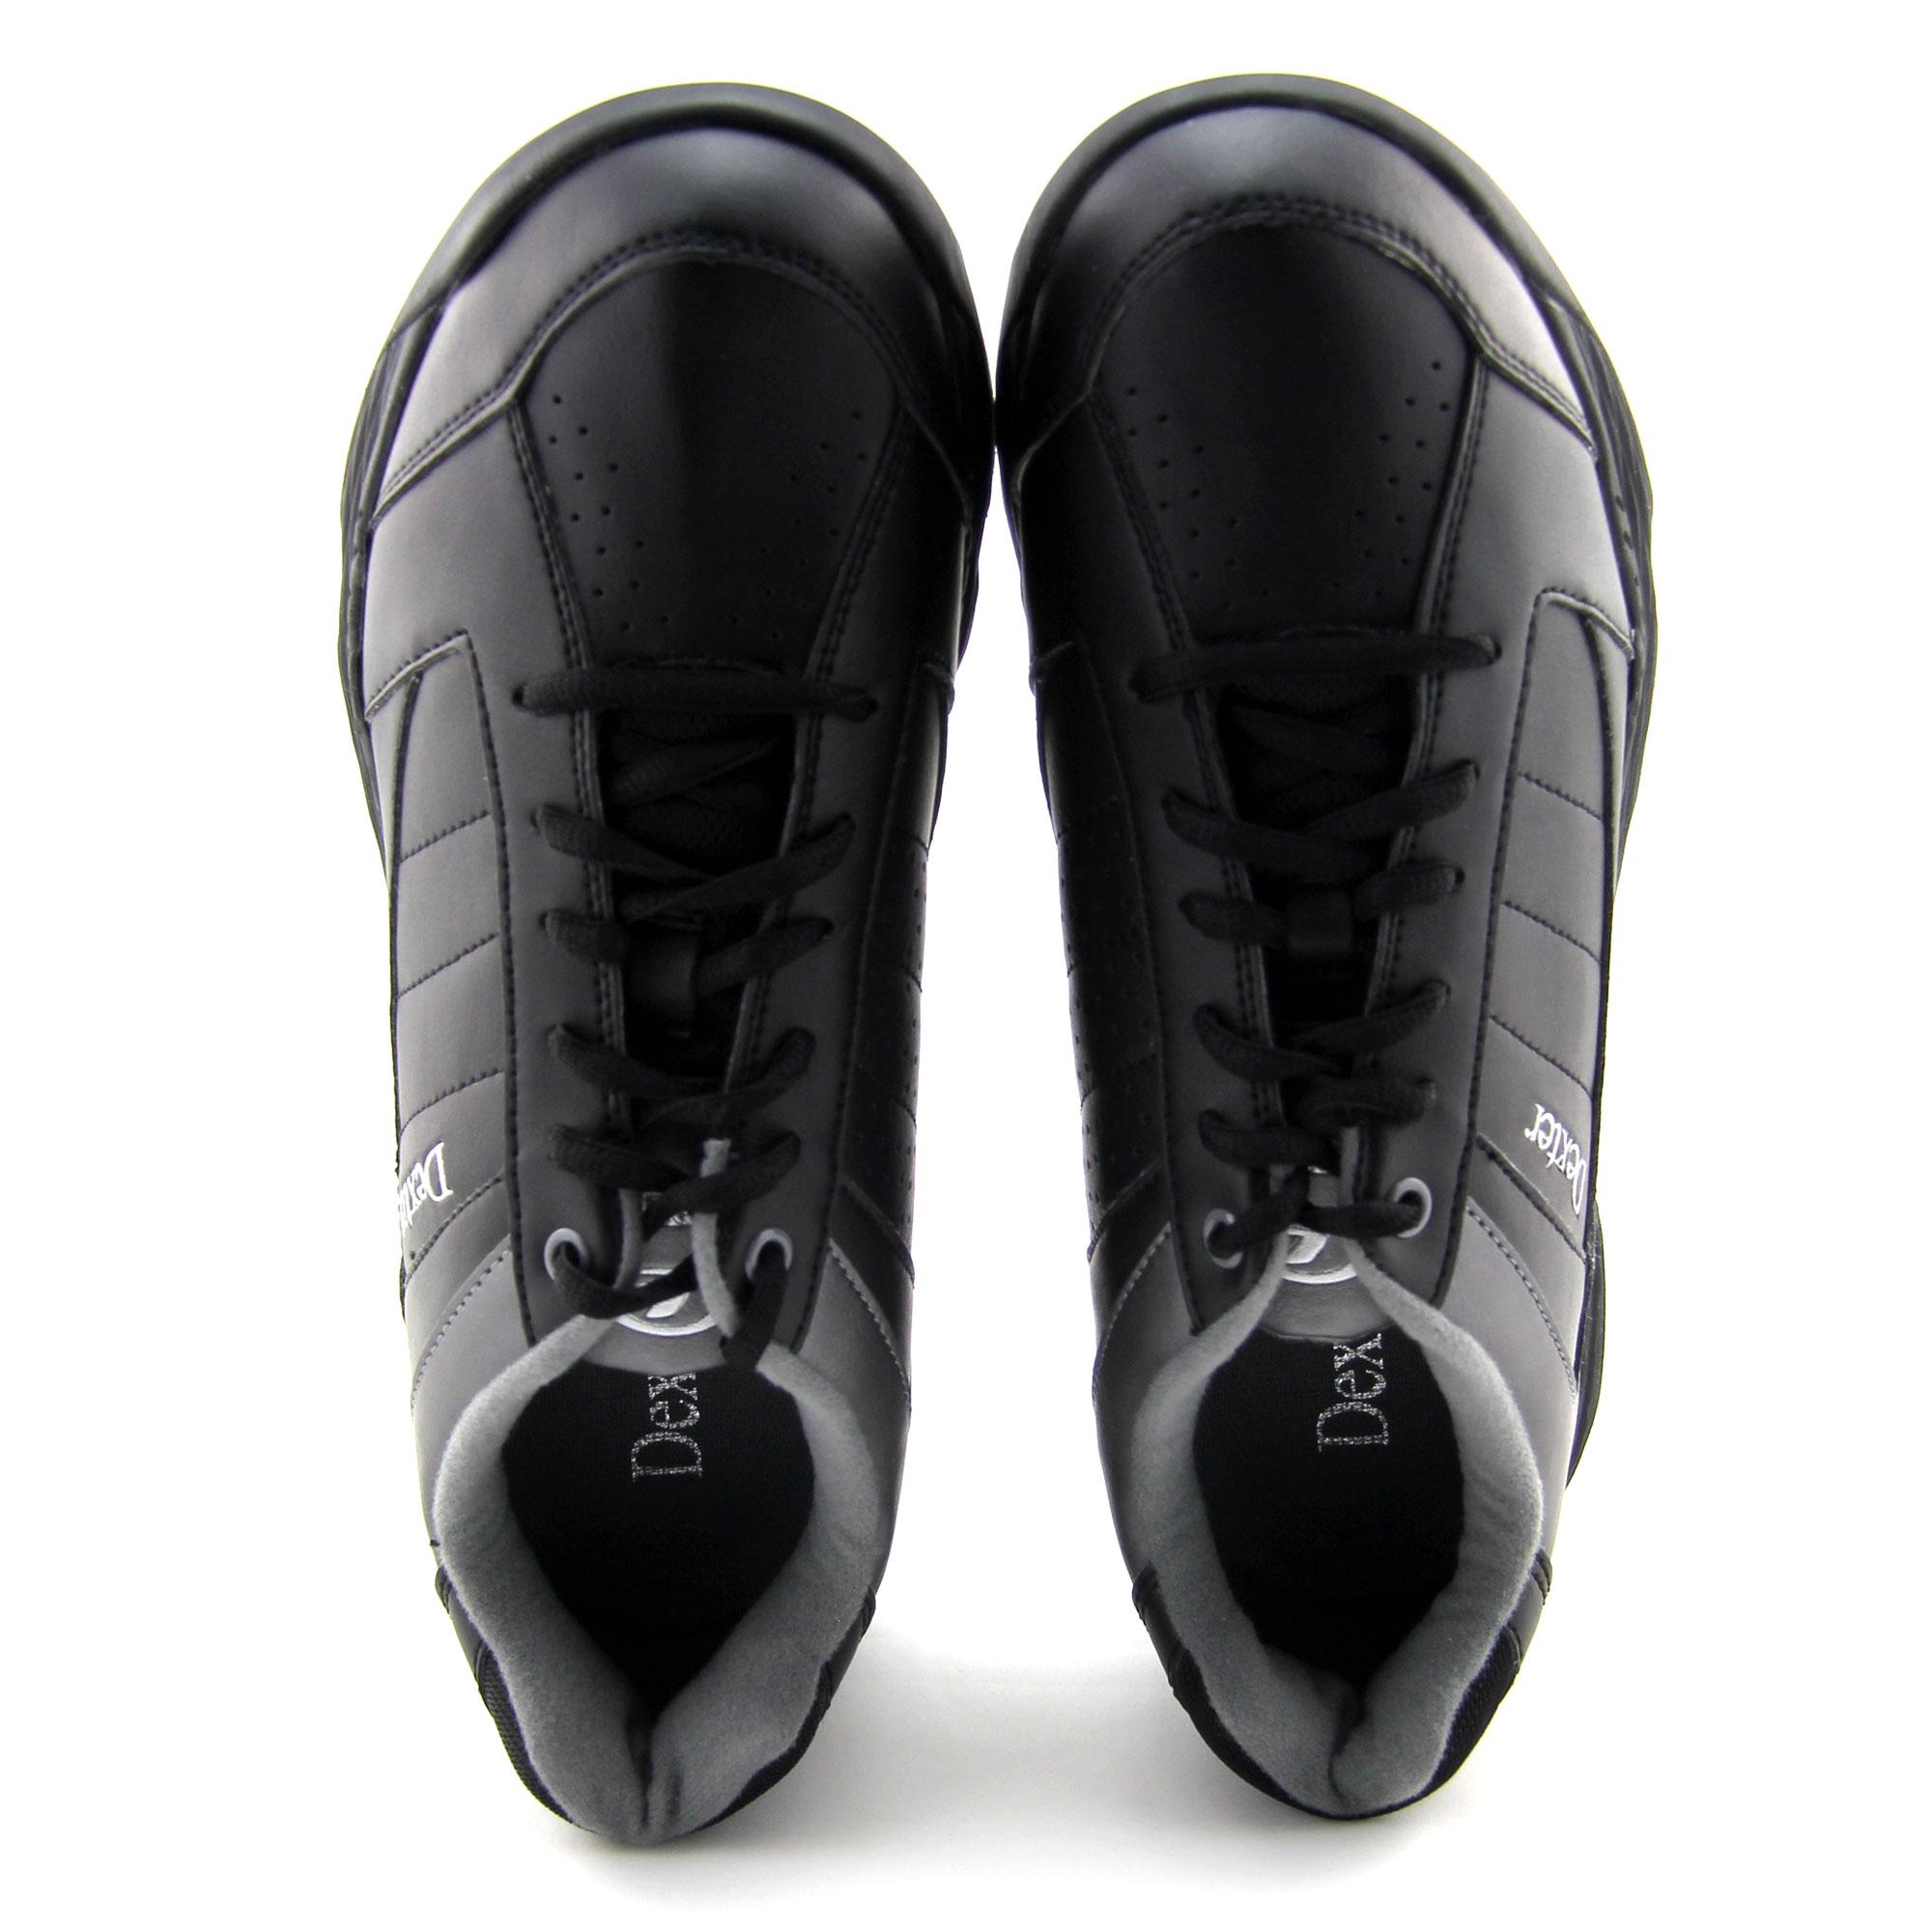 Herren-Bowlingschuhe-Dexter-Ricky-IV-black-alloy-sehr-leicht-und-bequem Indexbild 12